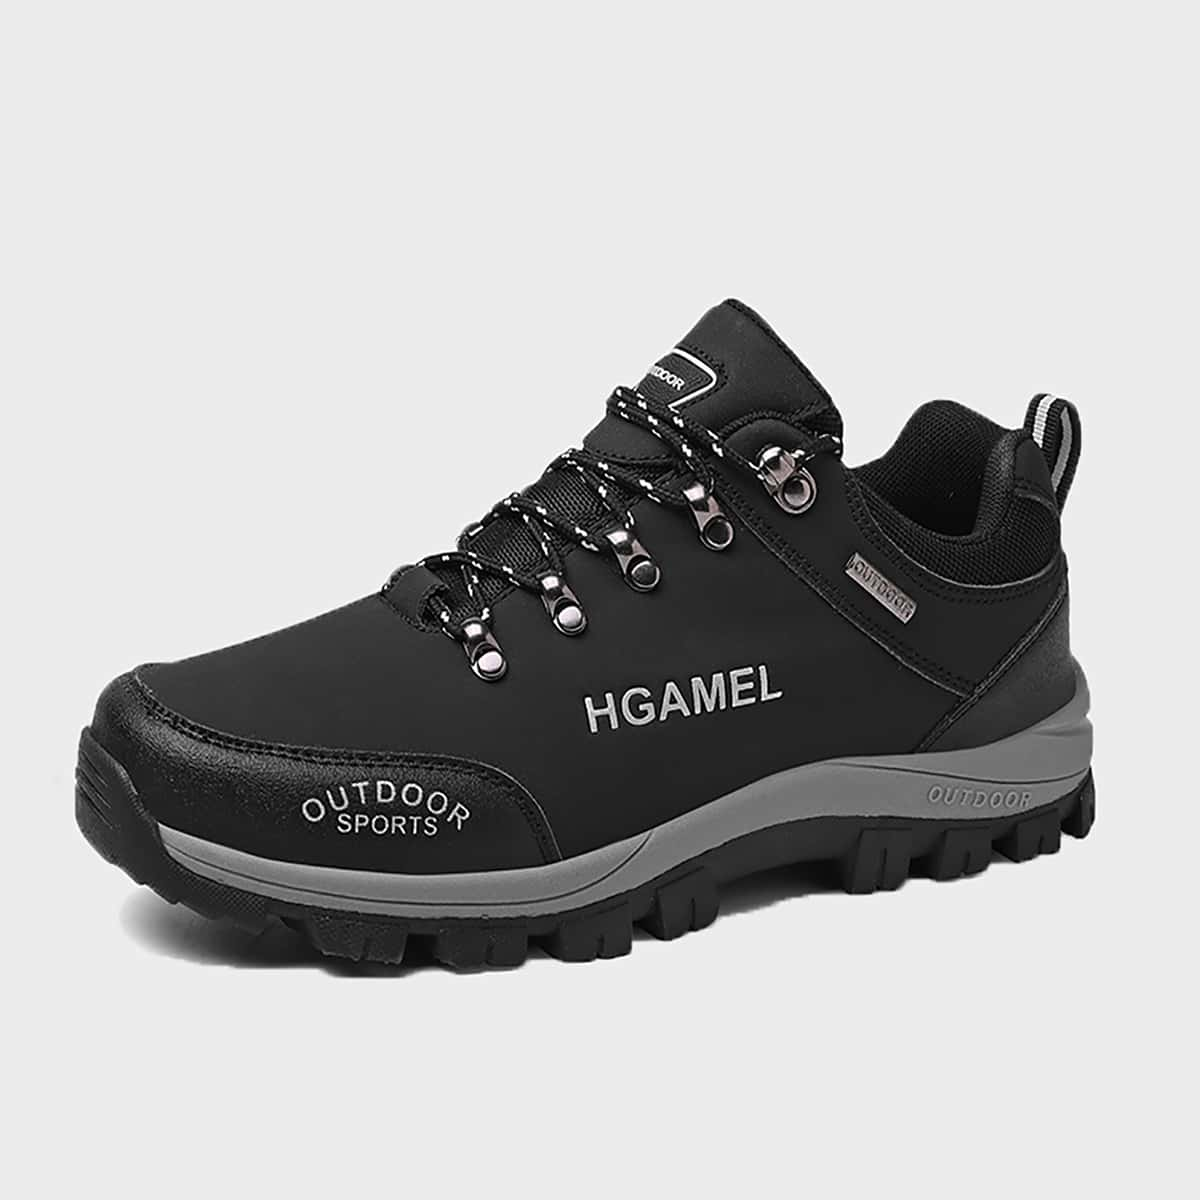 Мужские походные туфли с текстовым принтом